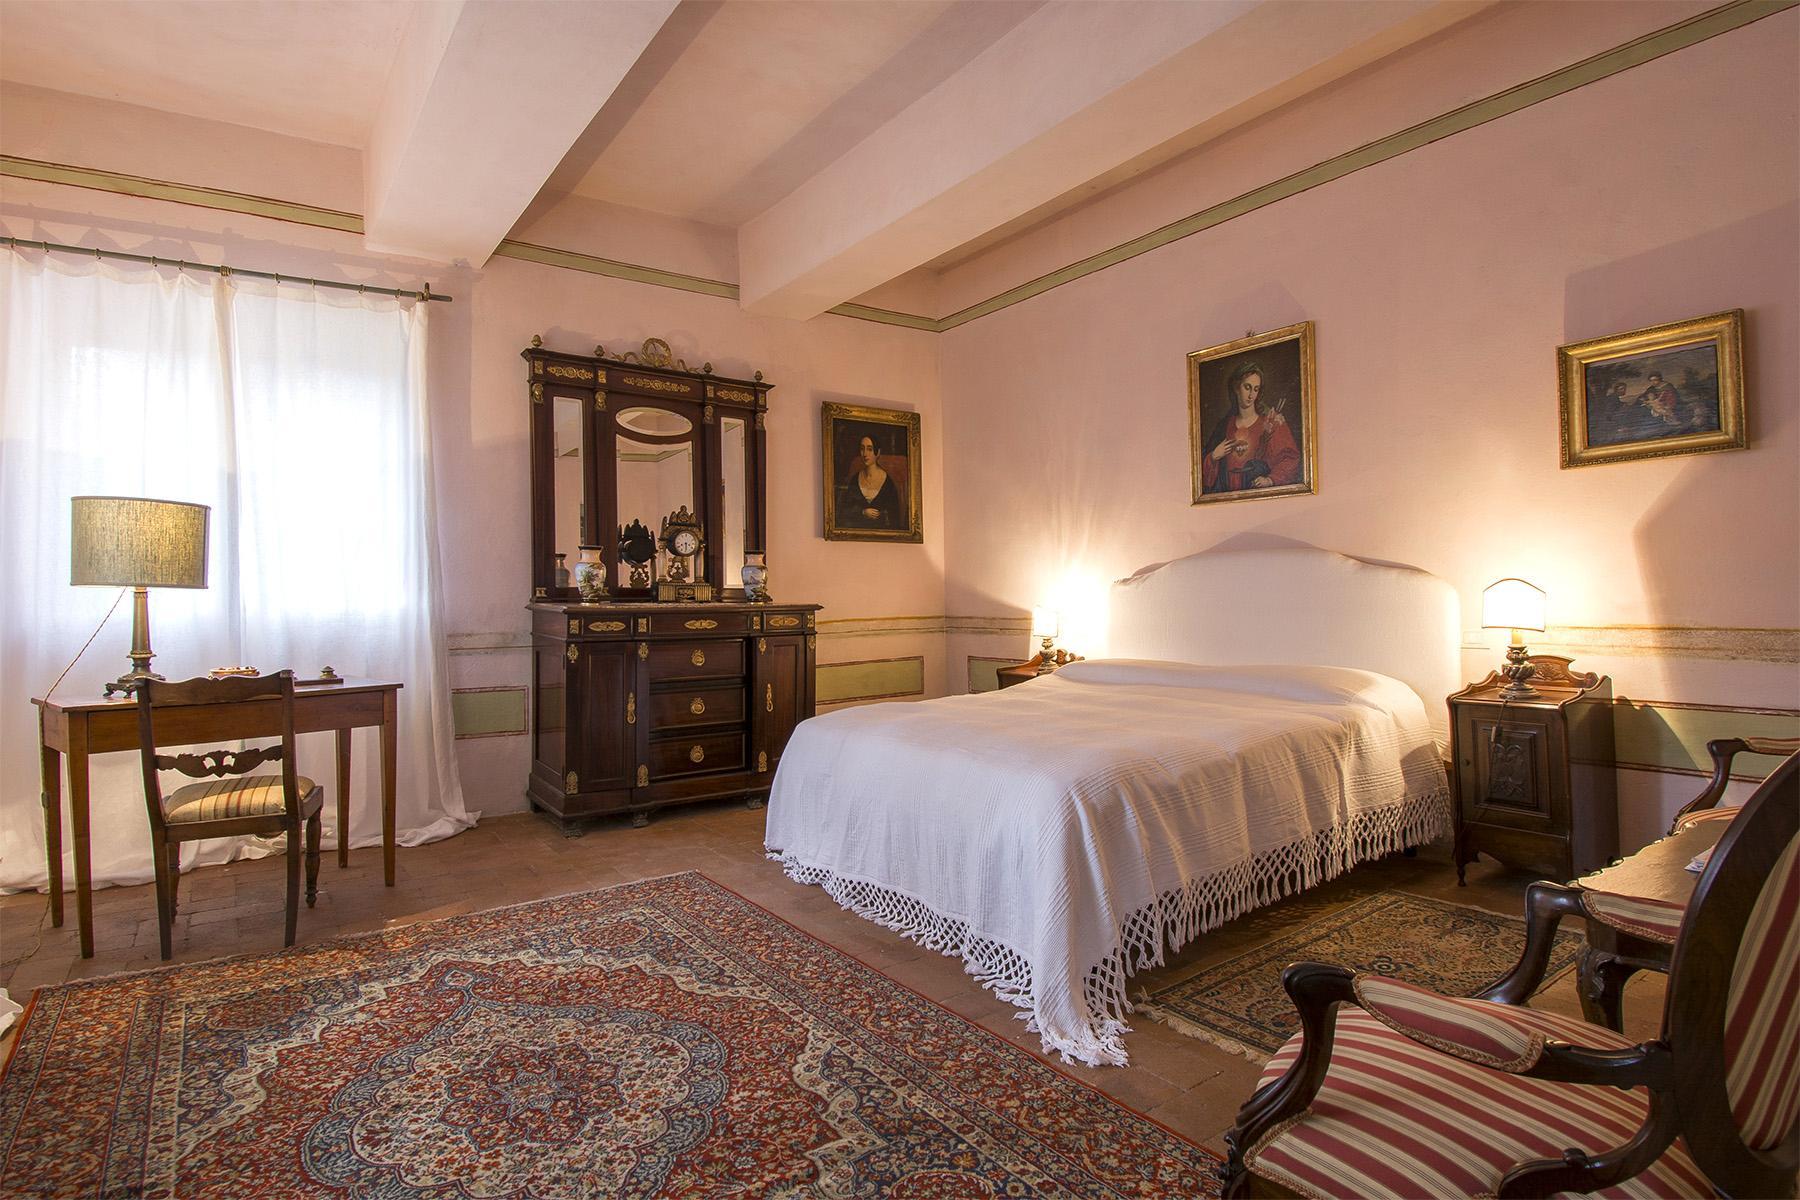 Villa historique près d'un village toscan médiéval - 11